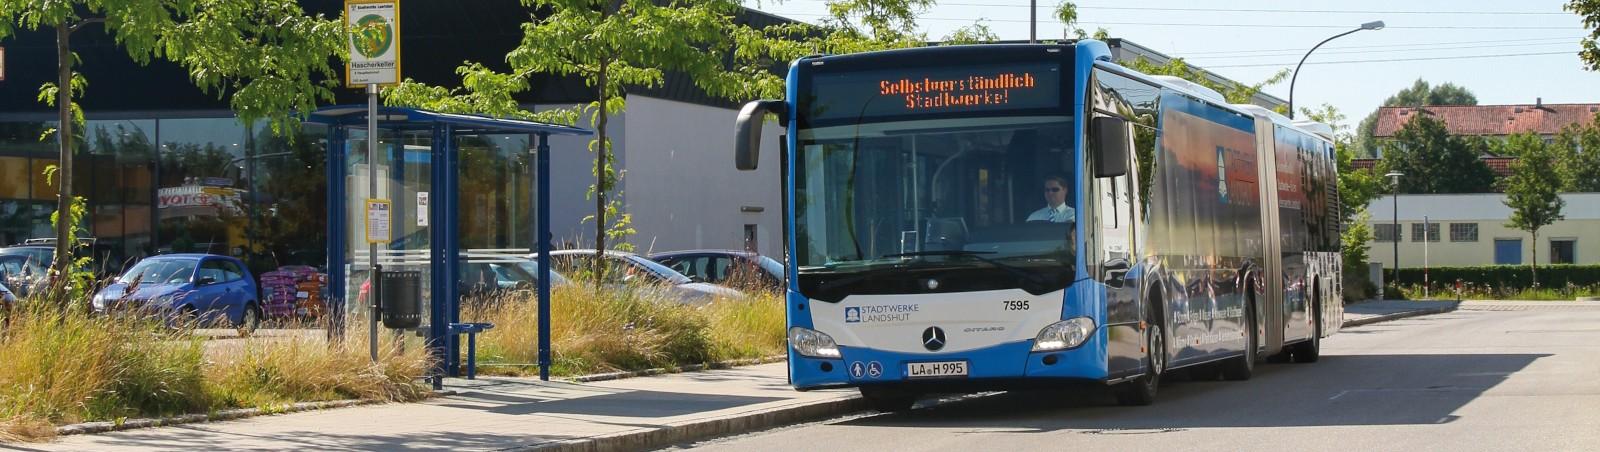 Bus an Bushaltestelle in Landshut